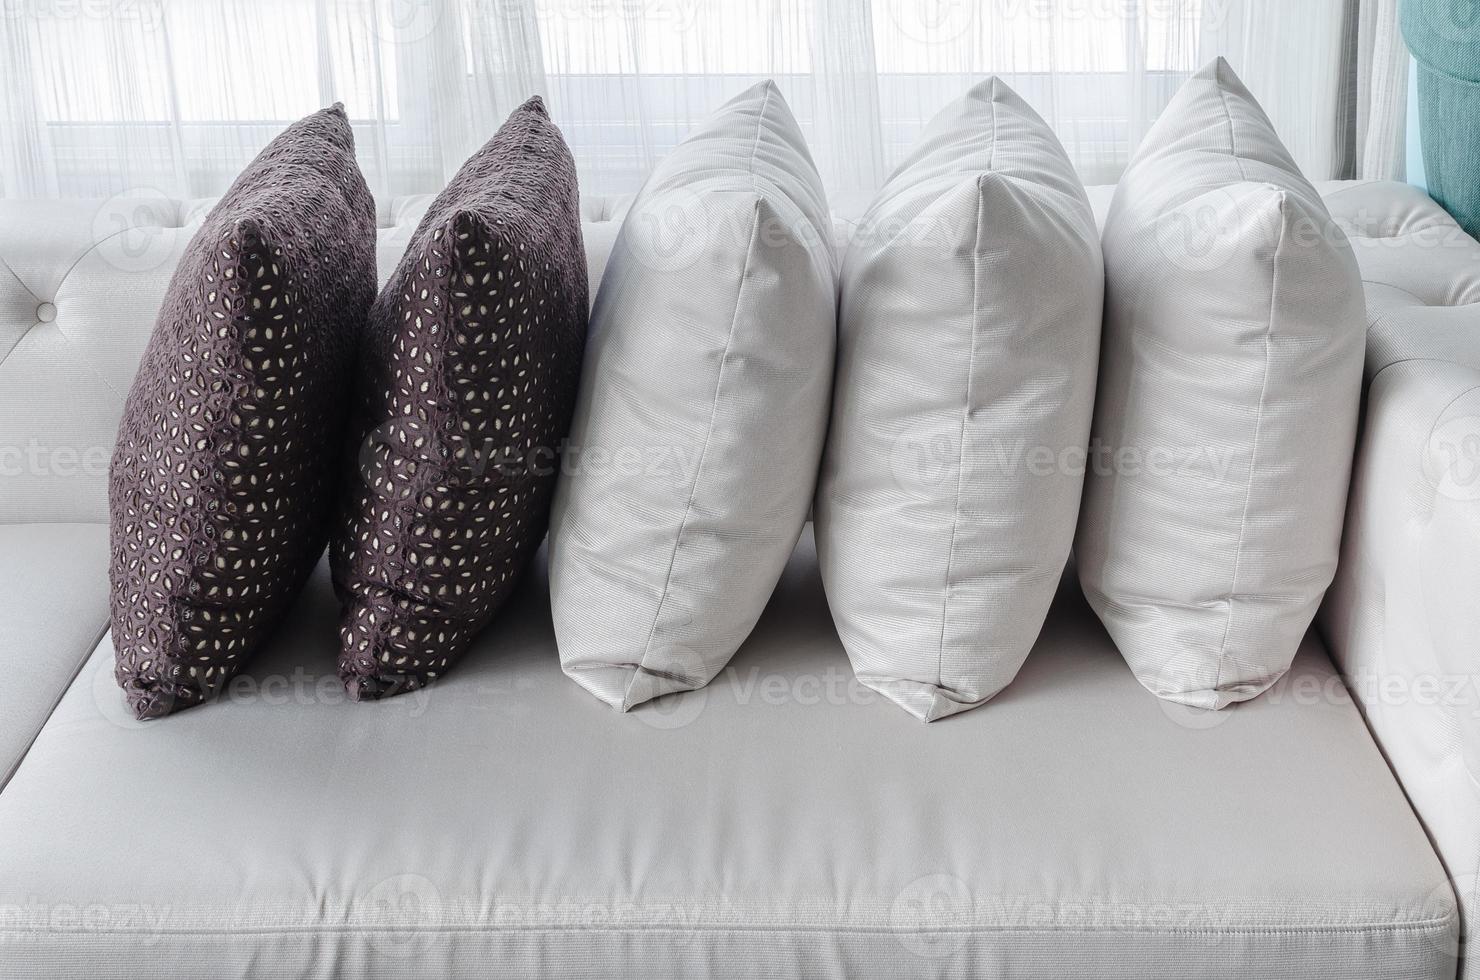 Reihe von Kissen auf weißem modernem Sofa im Wohnzimmer foto